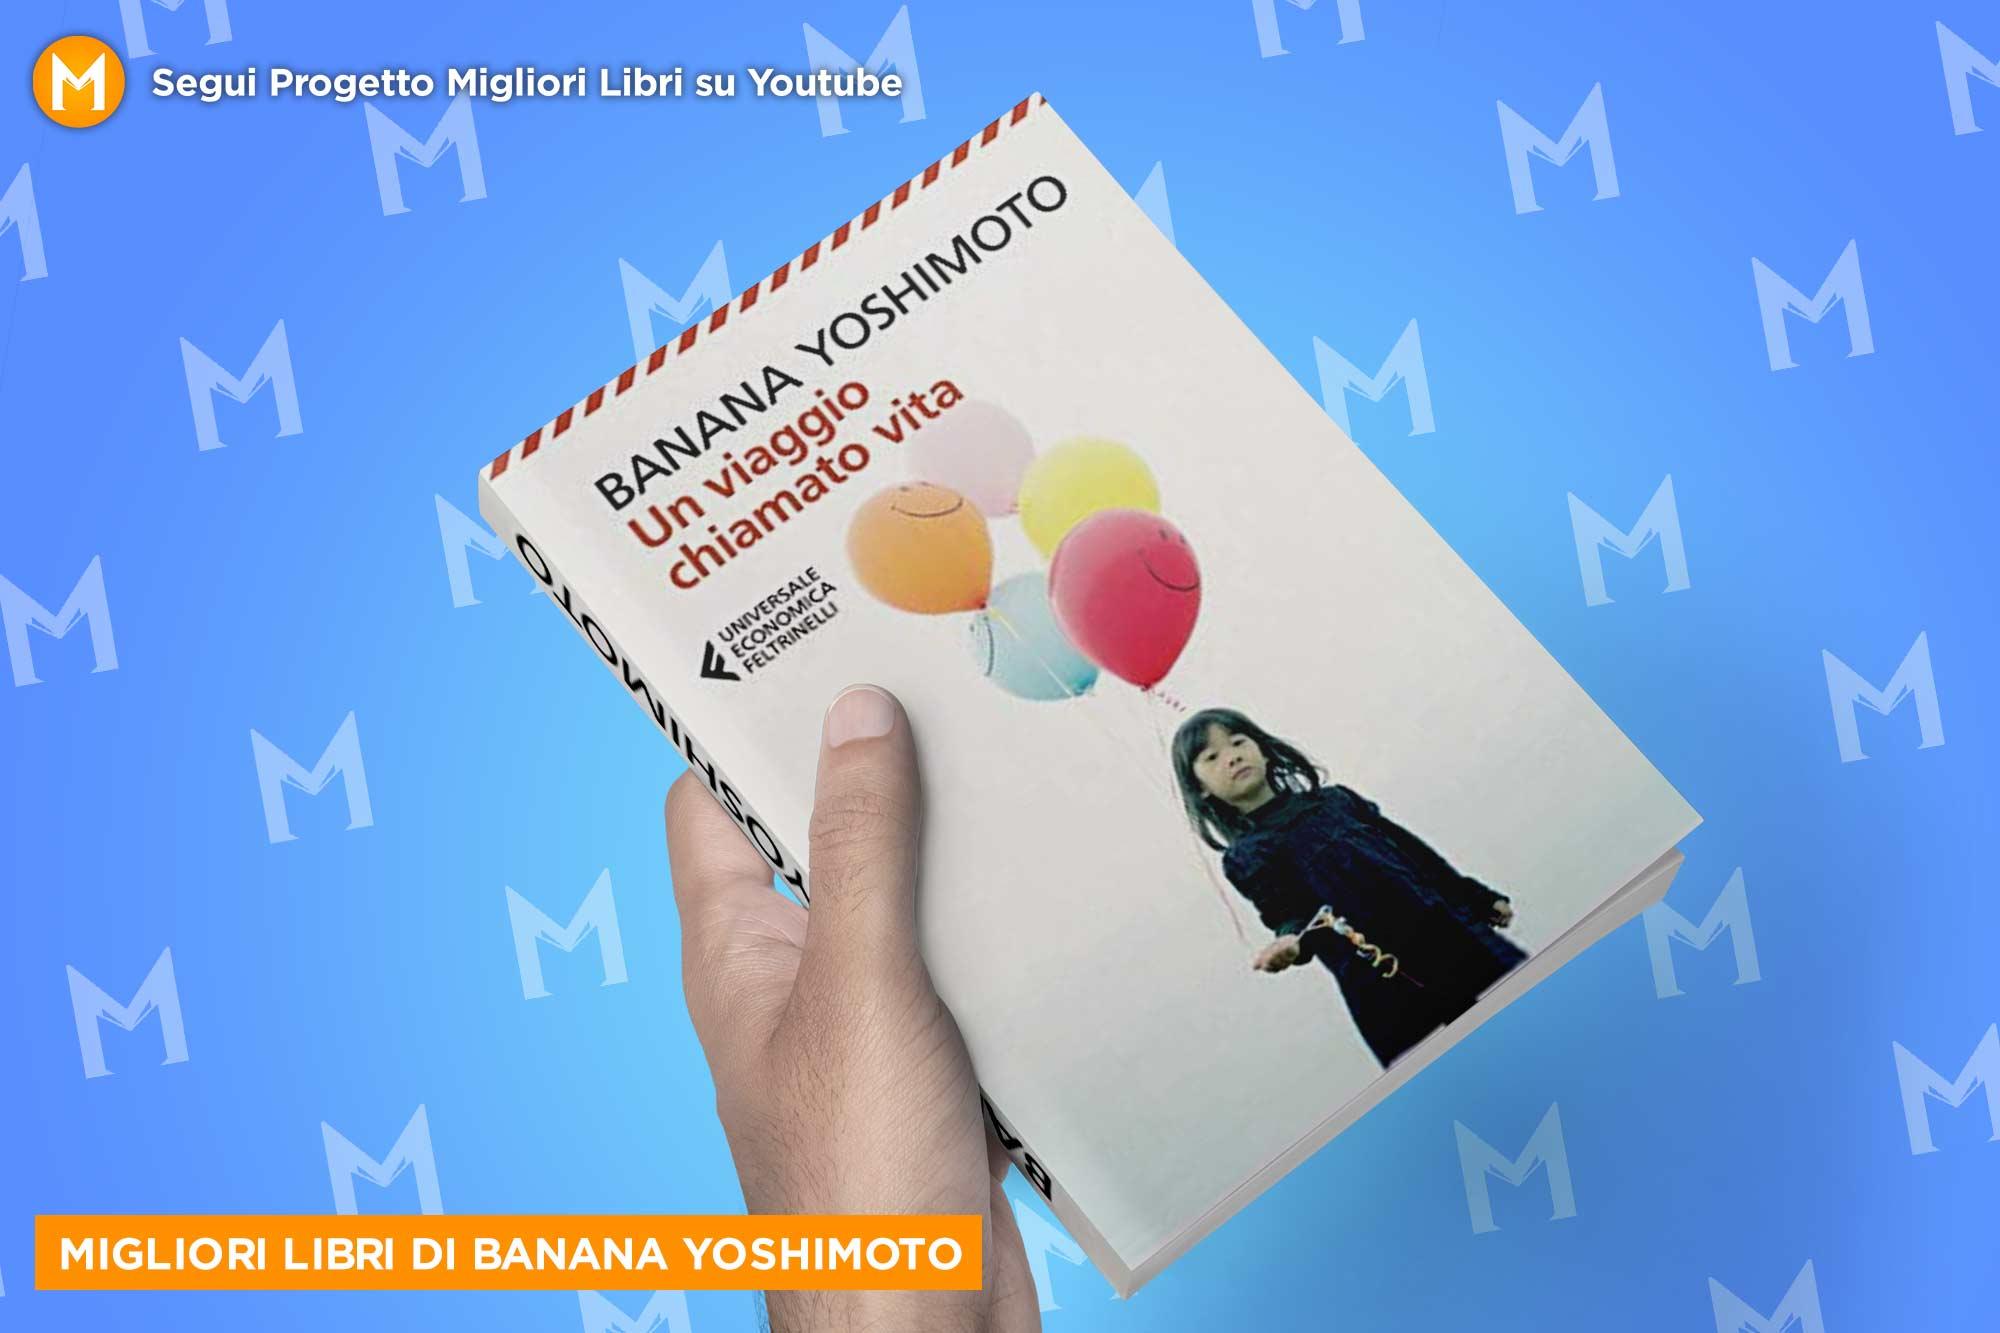 migliori-libri-banana-yoshimoto